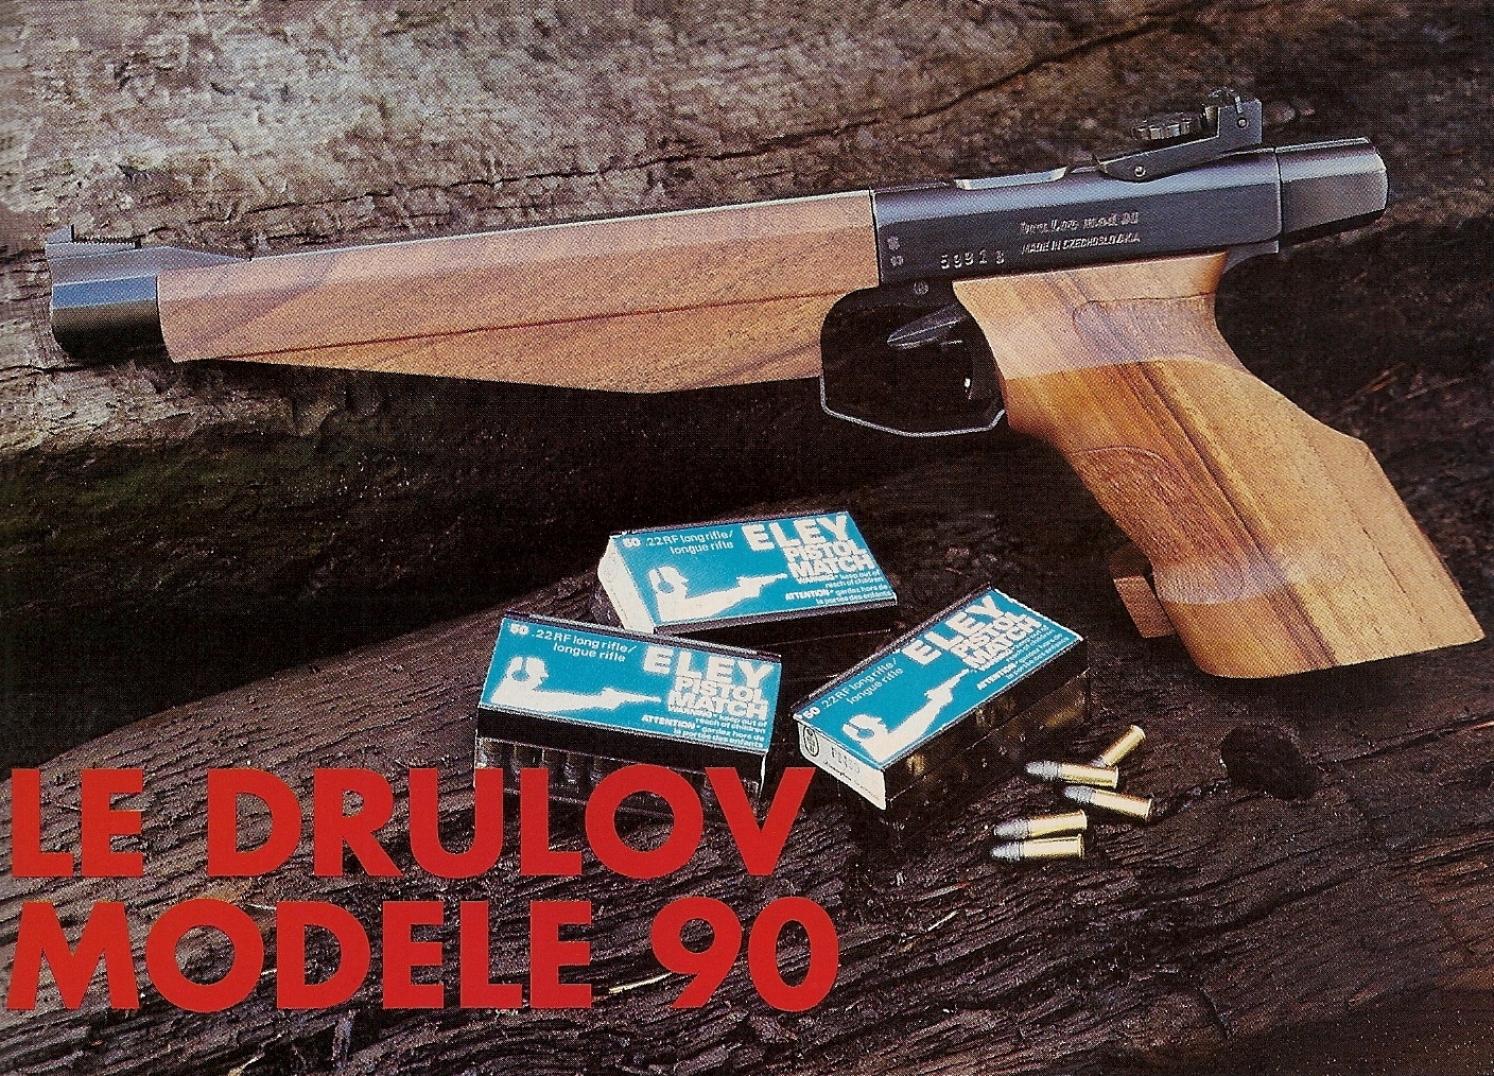 Le Drulov 90 ne constitue en fait qu'un « relooking », mais force est de constater que le résultat est une réussite puisqu'il présente une apparence nettement plus luxueuse que celle, dépouillée et utilitaire, du classique Drulov modèle 75.